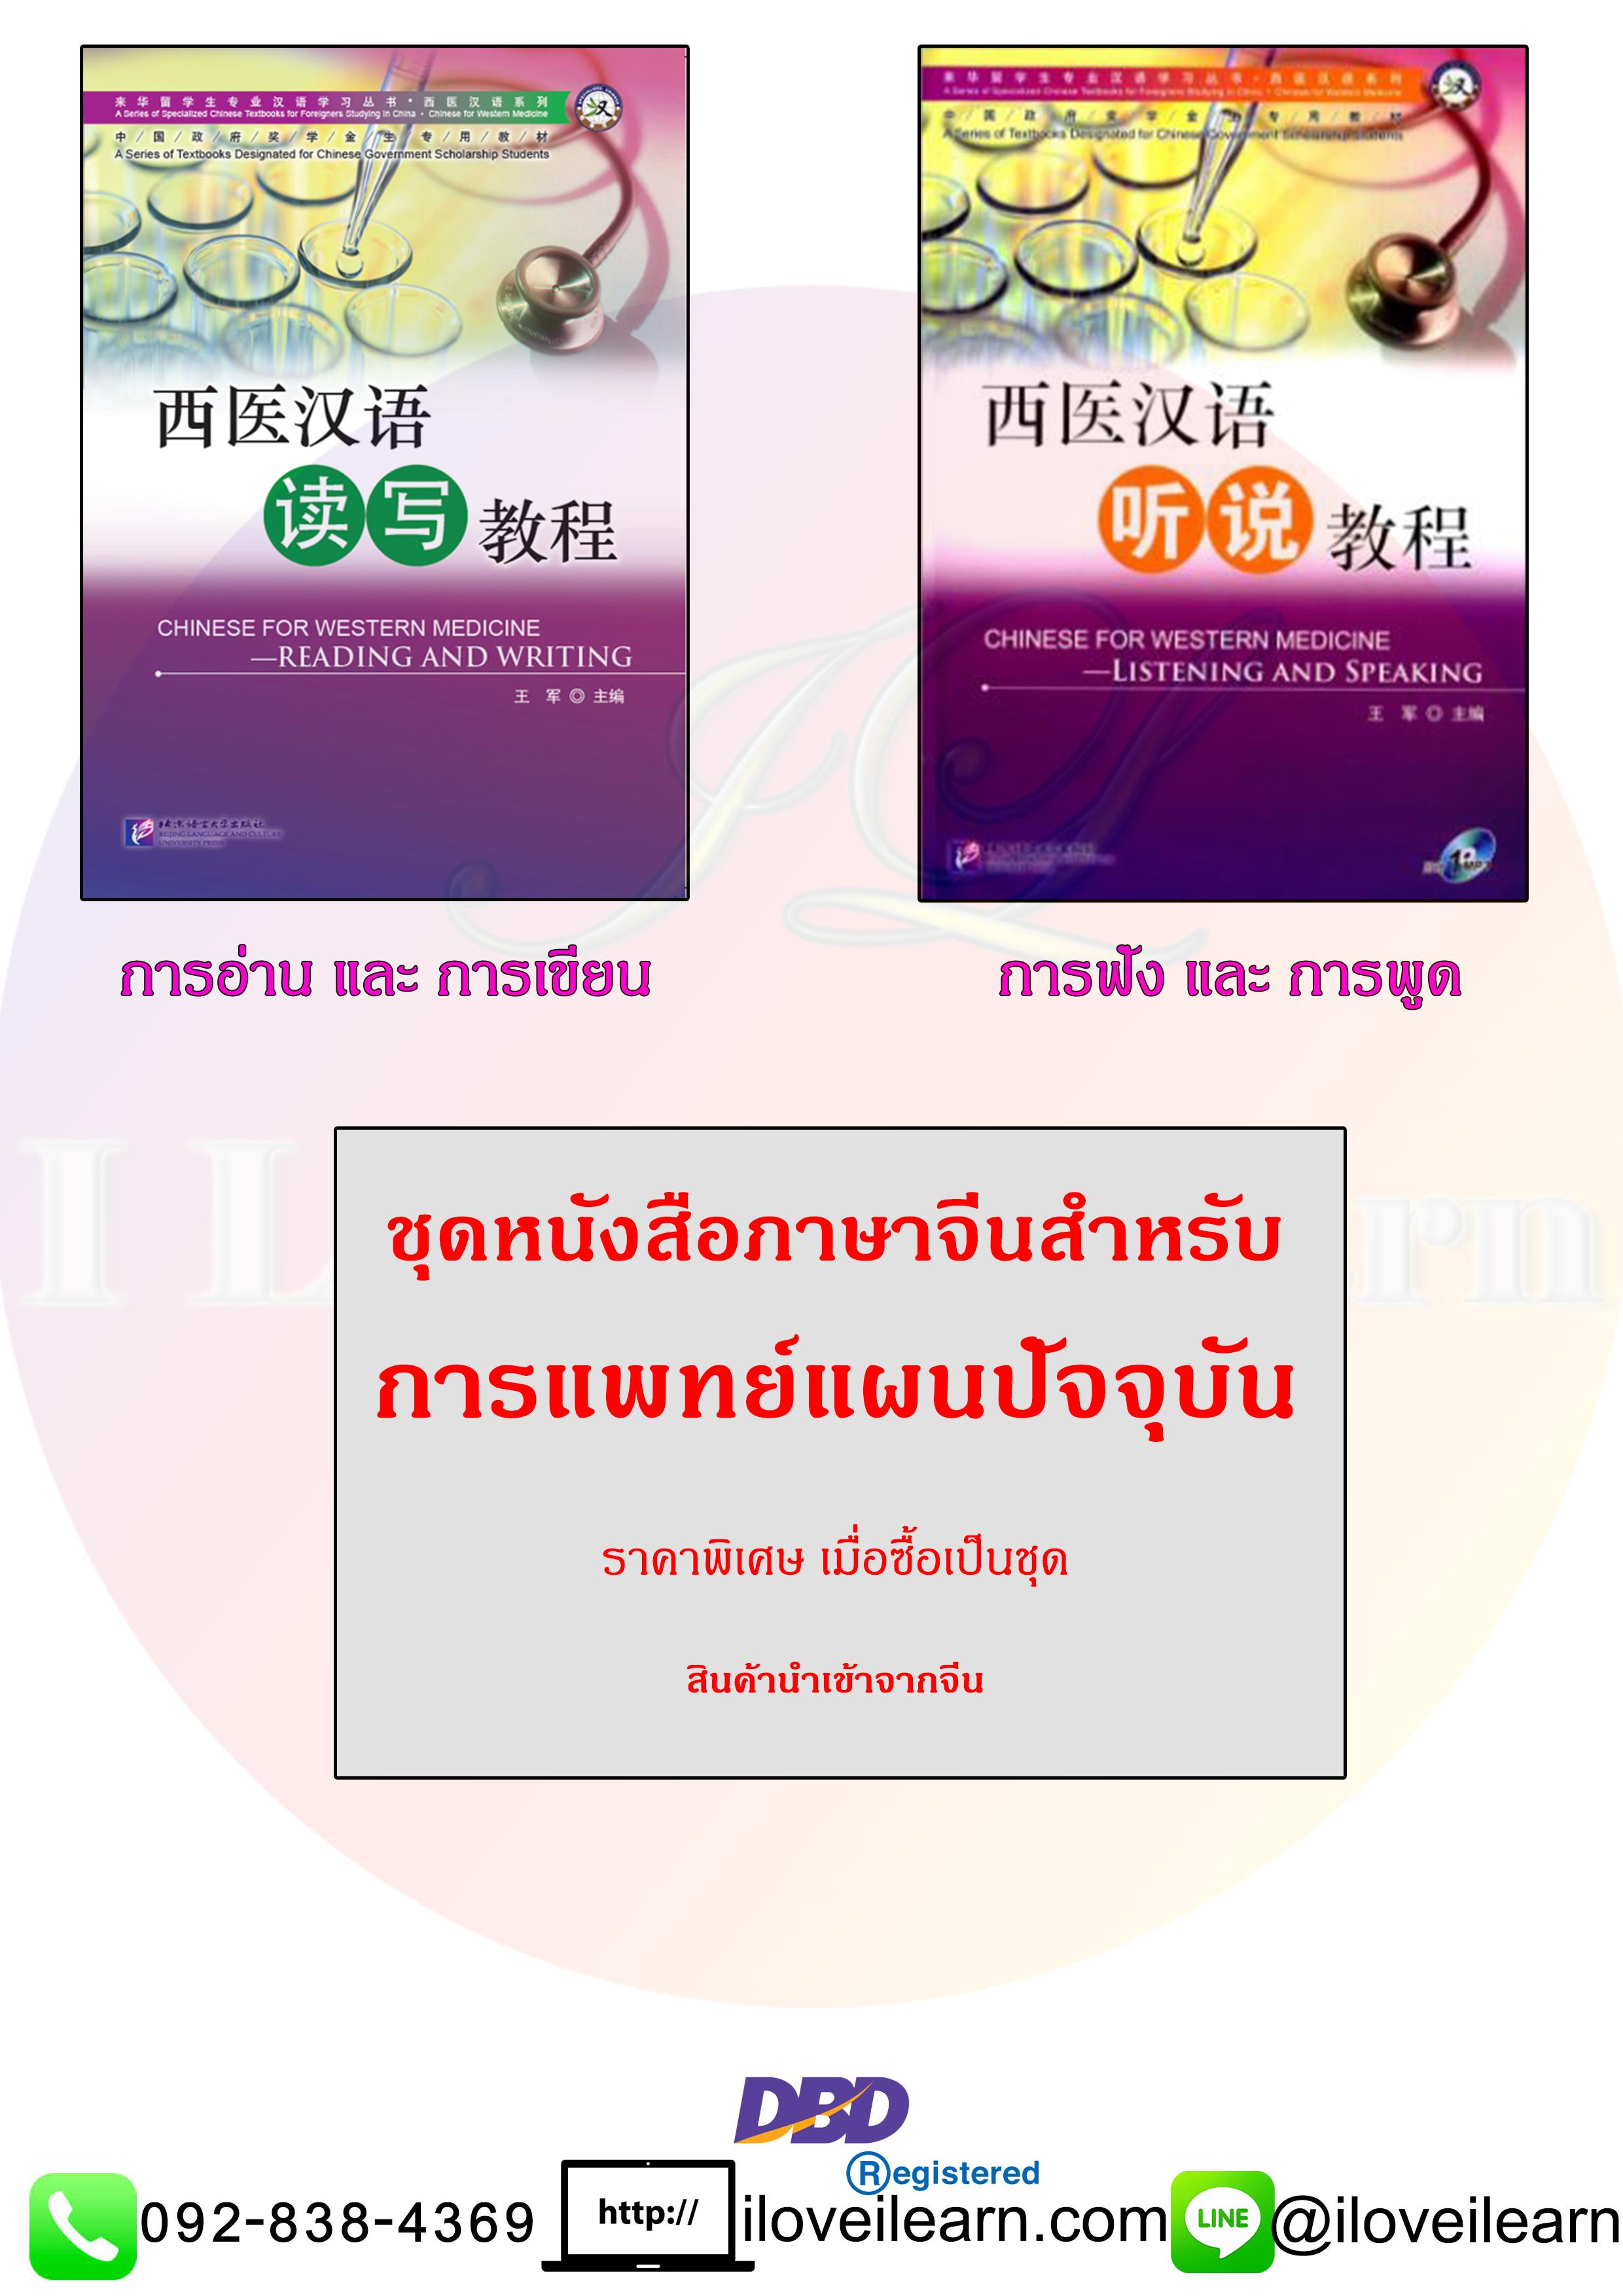 ชุดหนังสือภาษาจีนสำหรับการแพทย์แผนปัจจุบัน